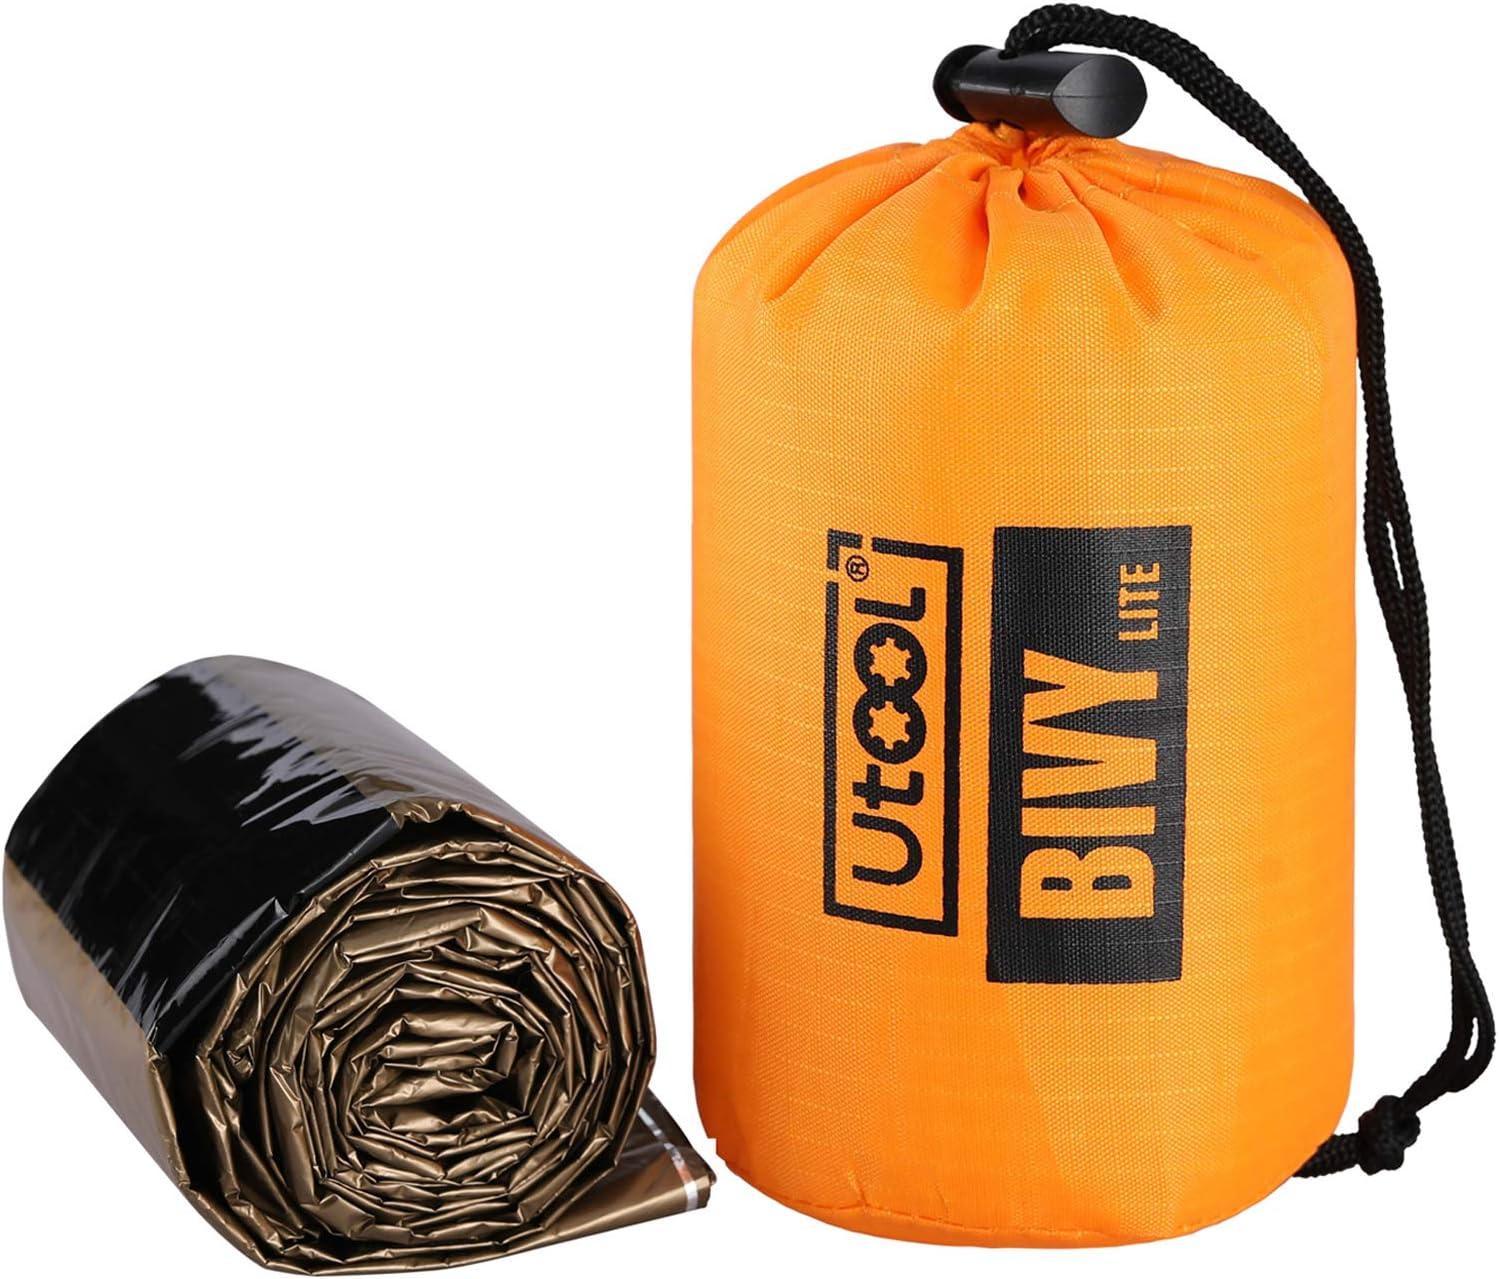 Waterproof Stuff Sack Travel Camping Hiking Luggage Tent Utility Storage Bag Kit